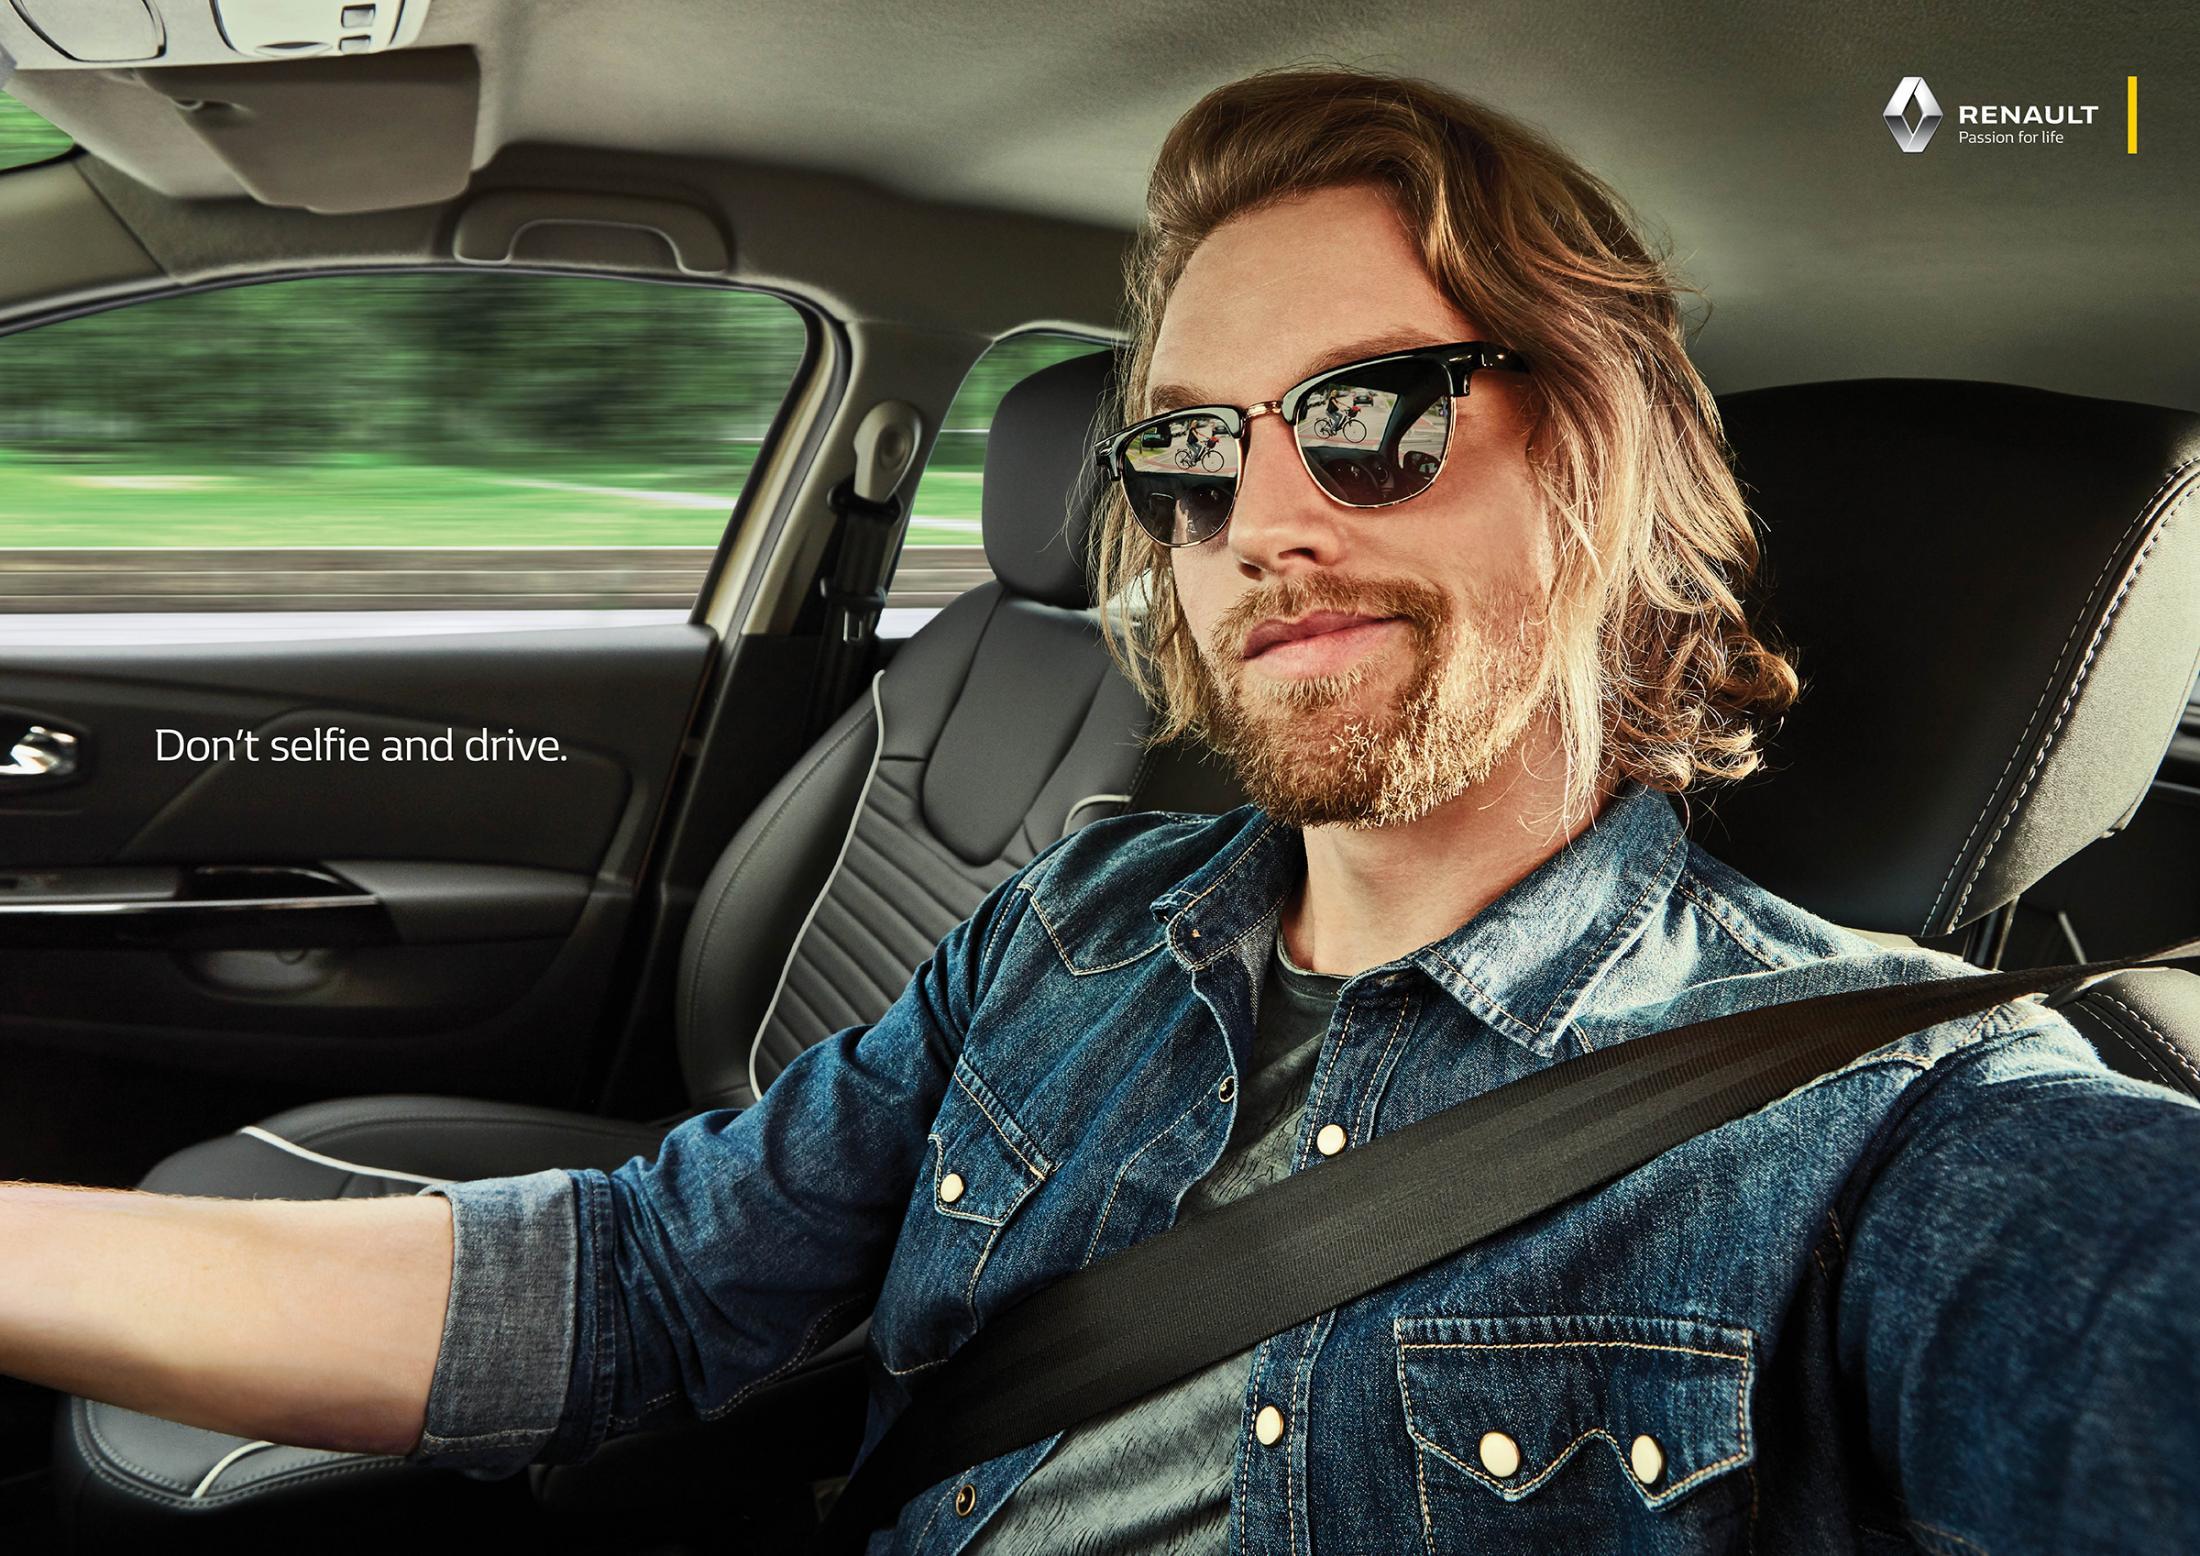 Renault Print Ad - Selfies, 2